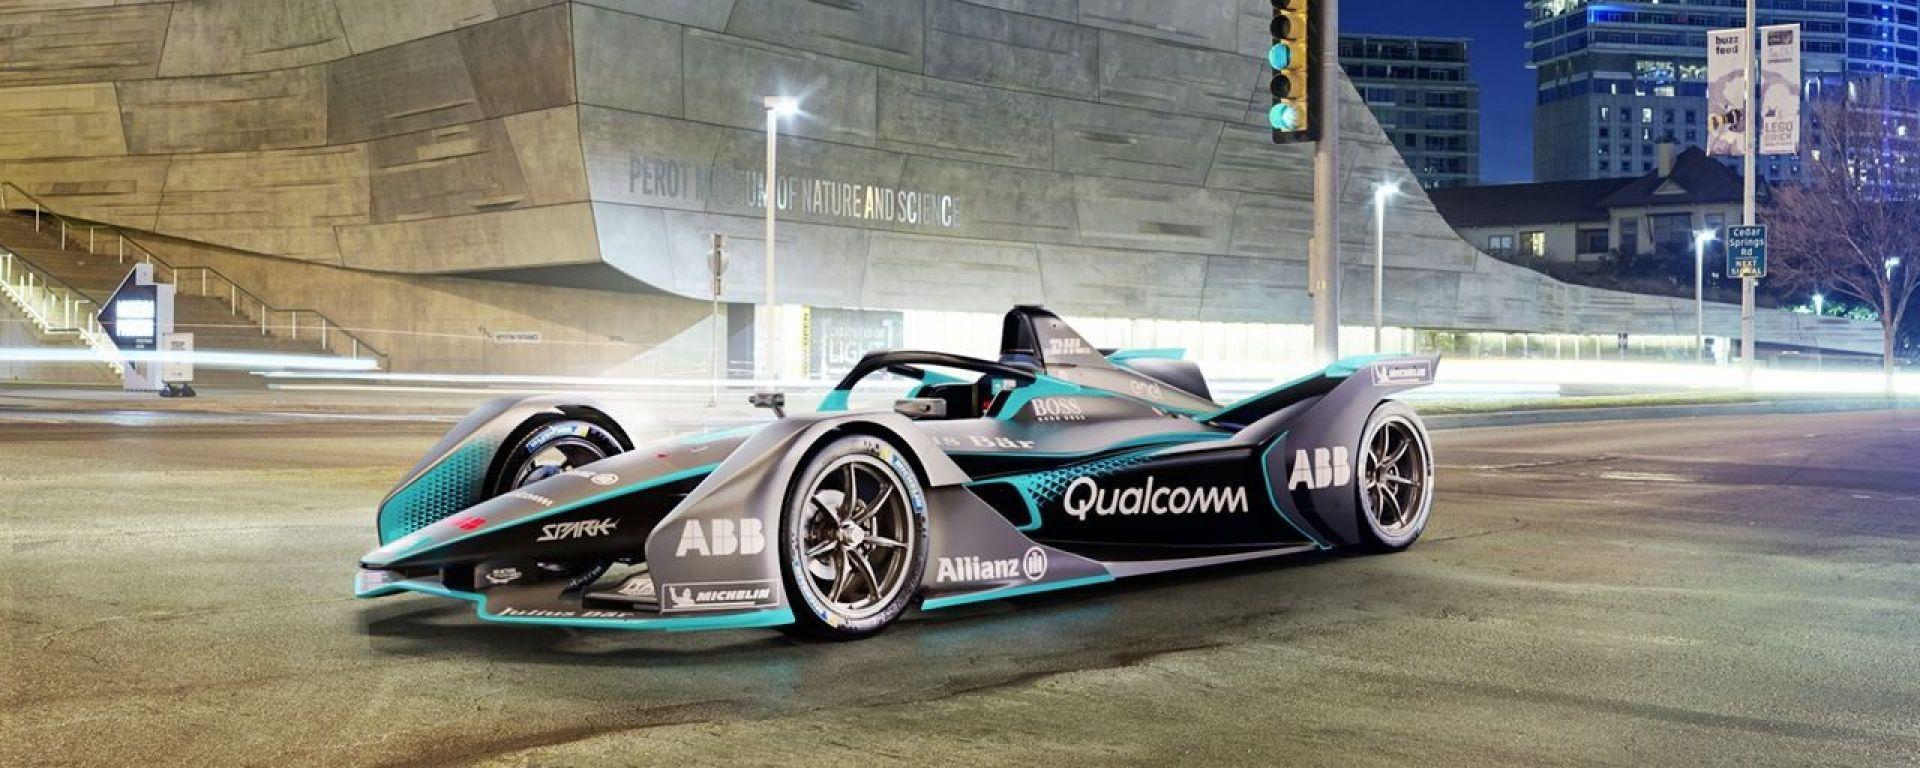 Una Batmobile? No! E' la nuova Formula E 2019